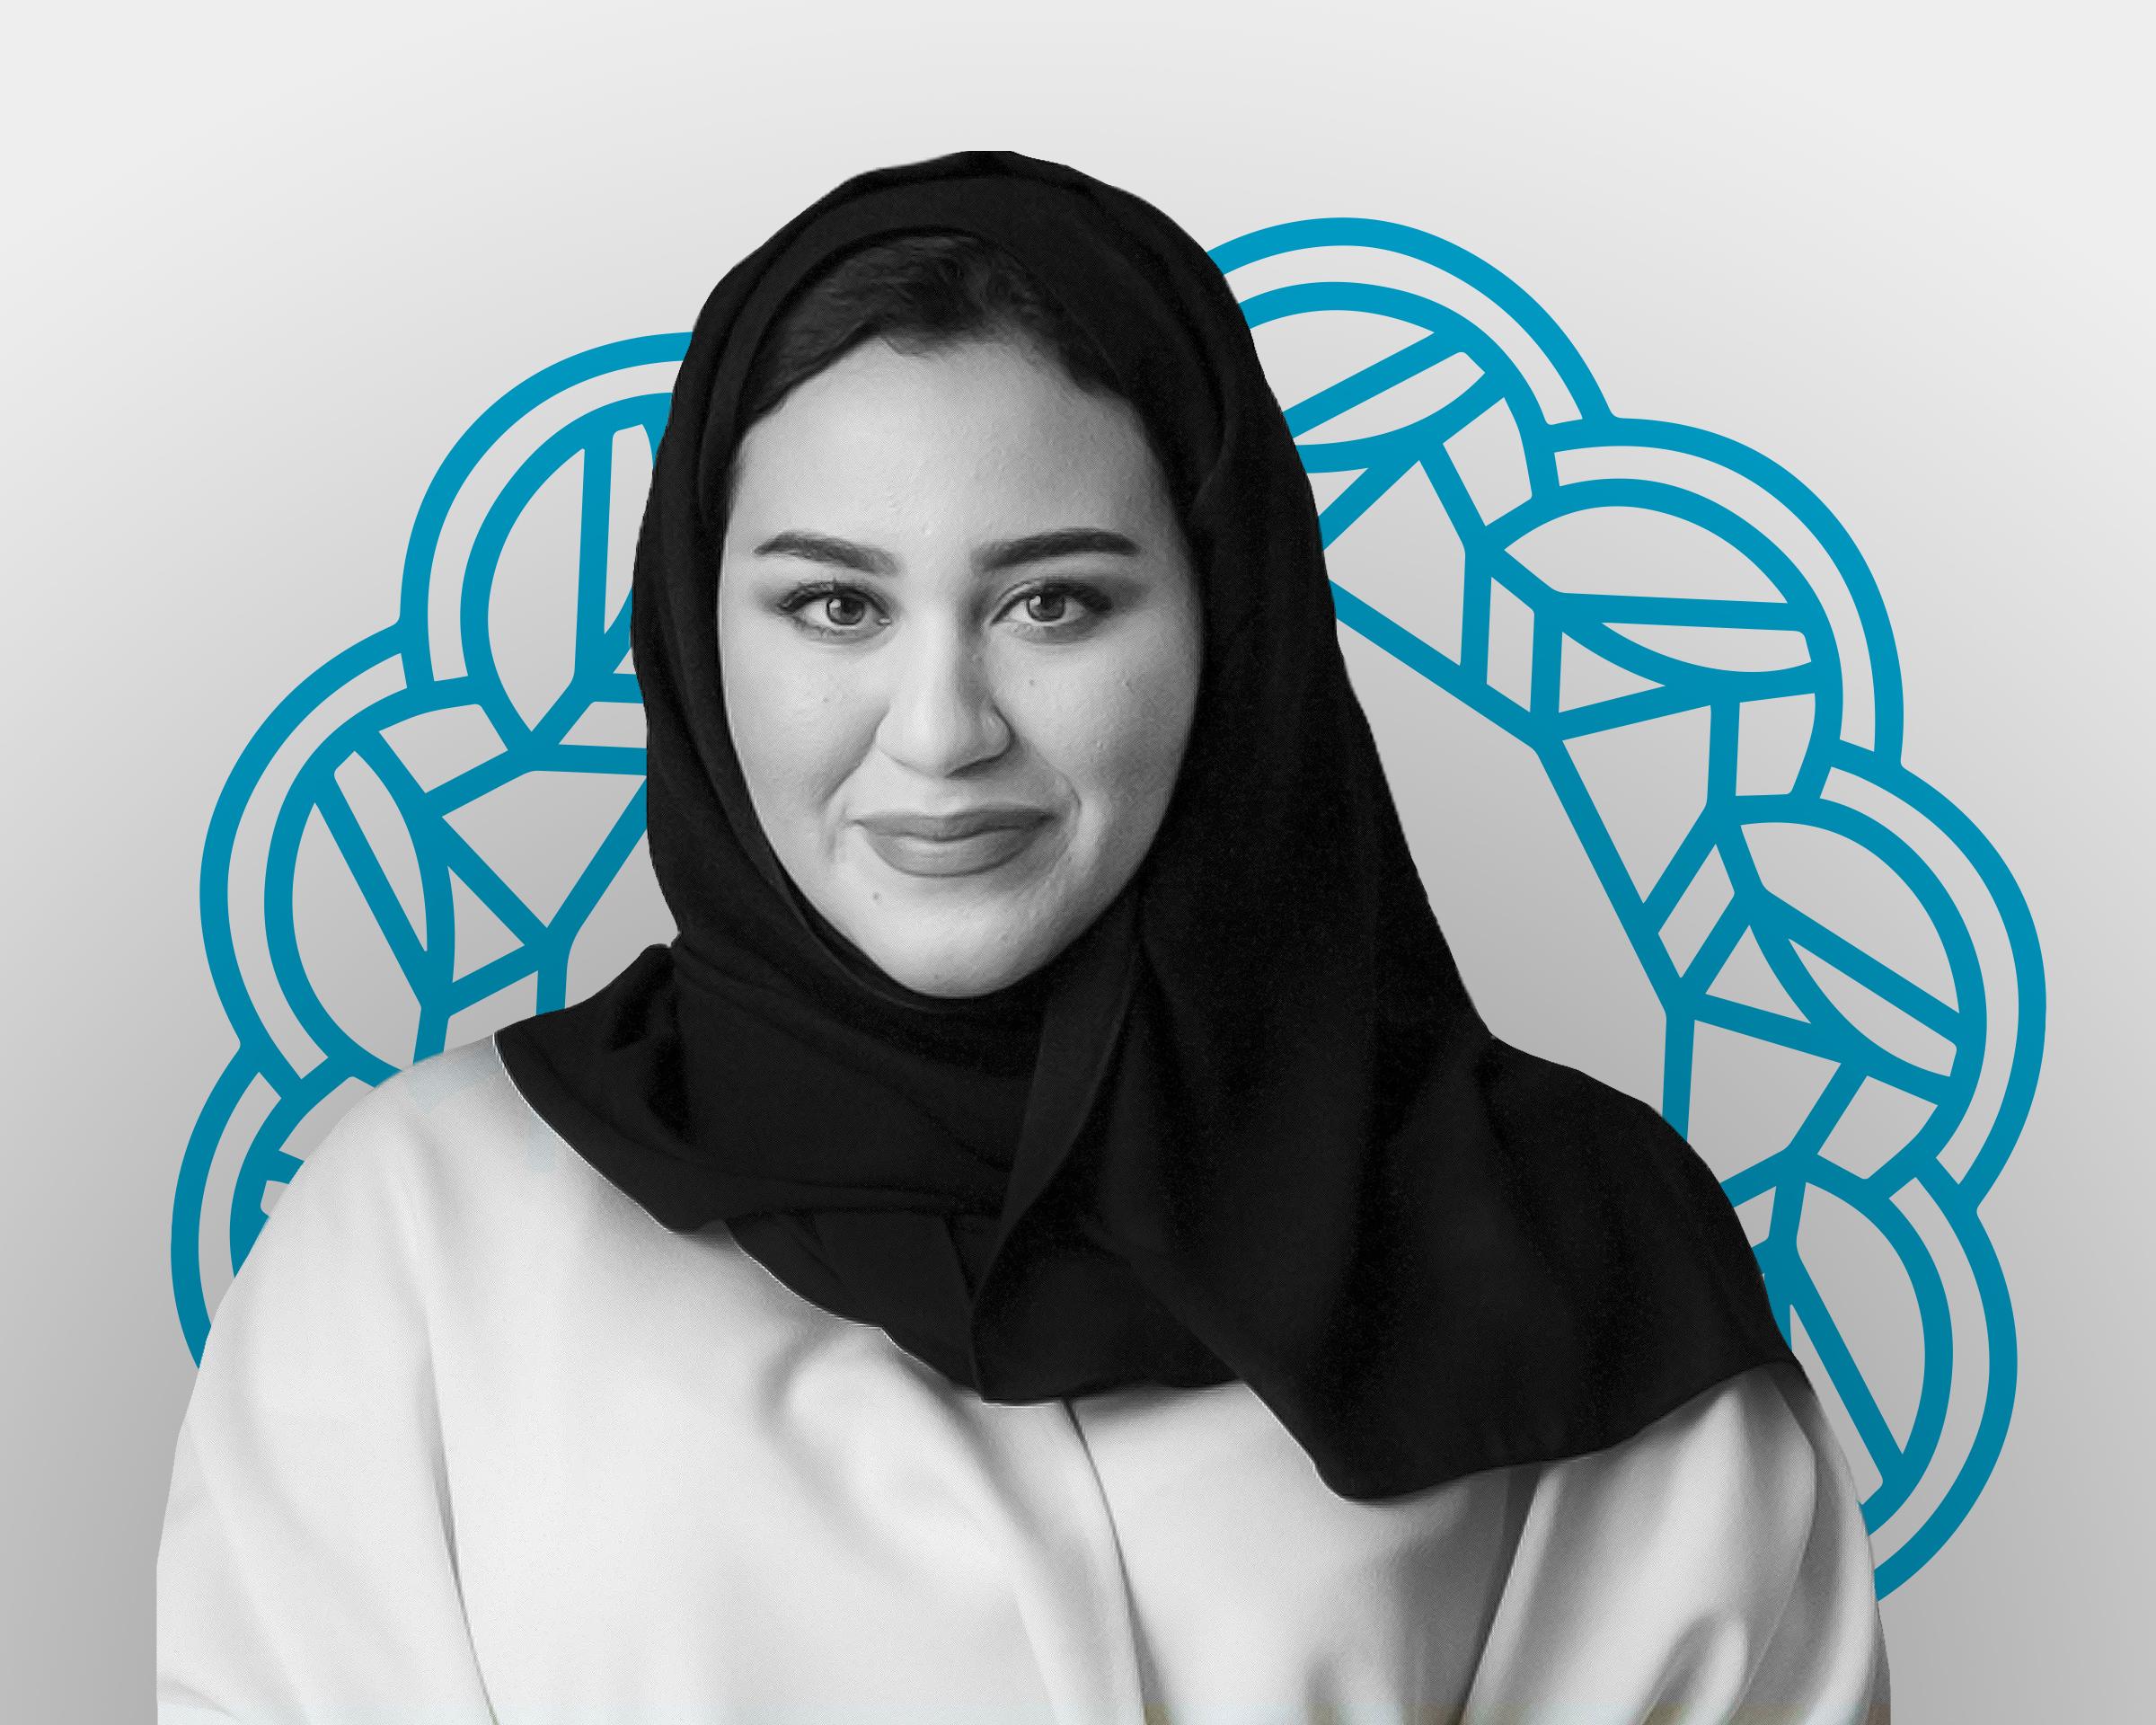 Maryam J. Al-Bader - 29 Years oldOwner of Flatwhite Specialty Coffee